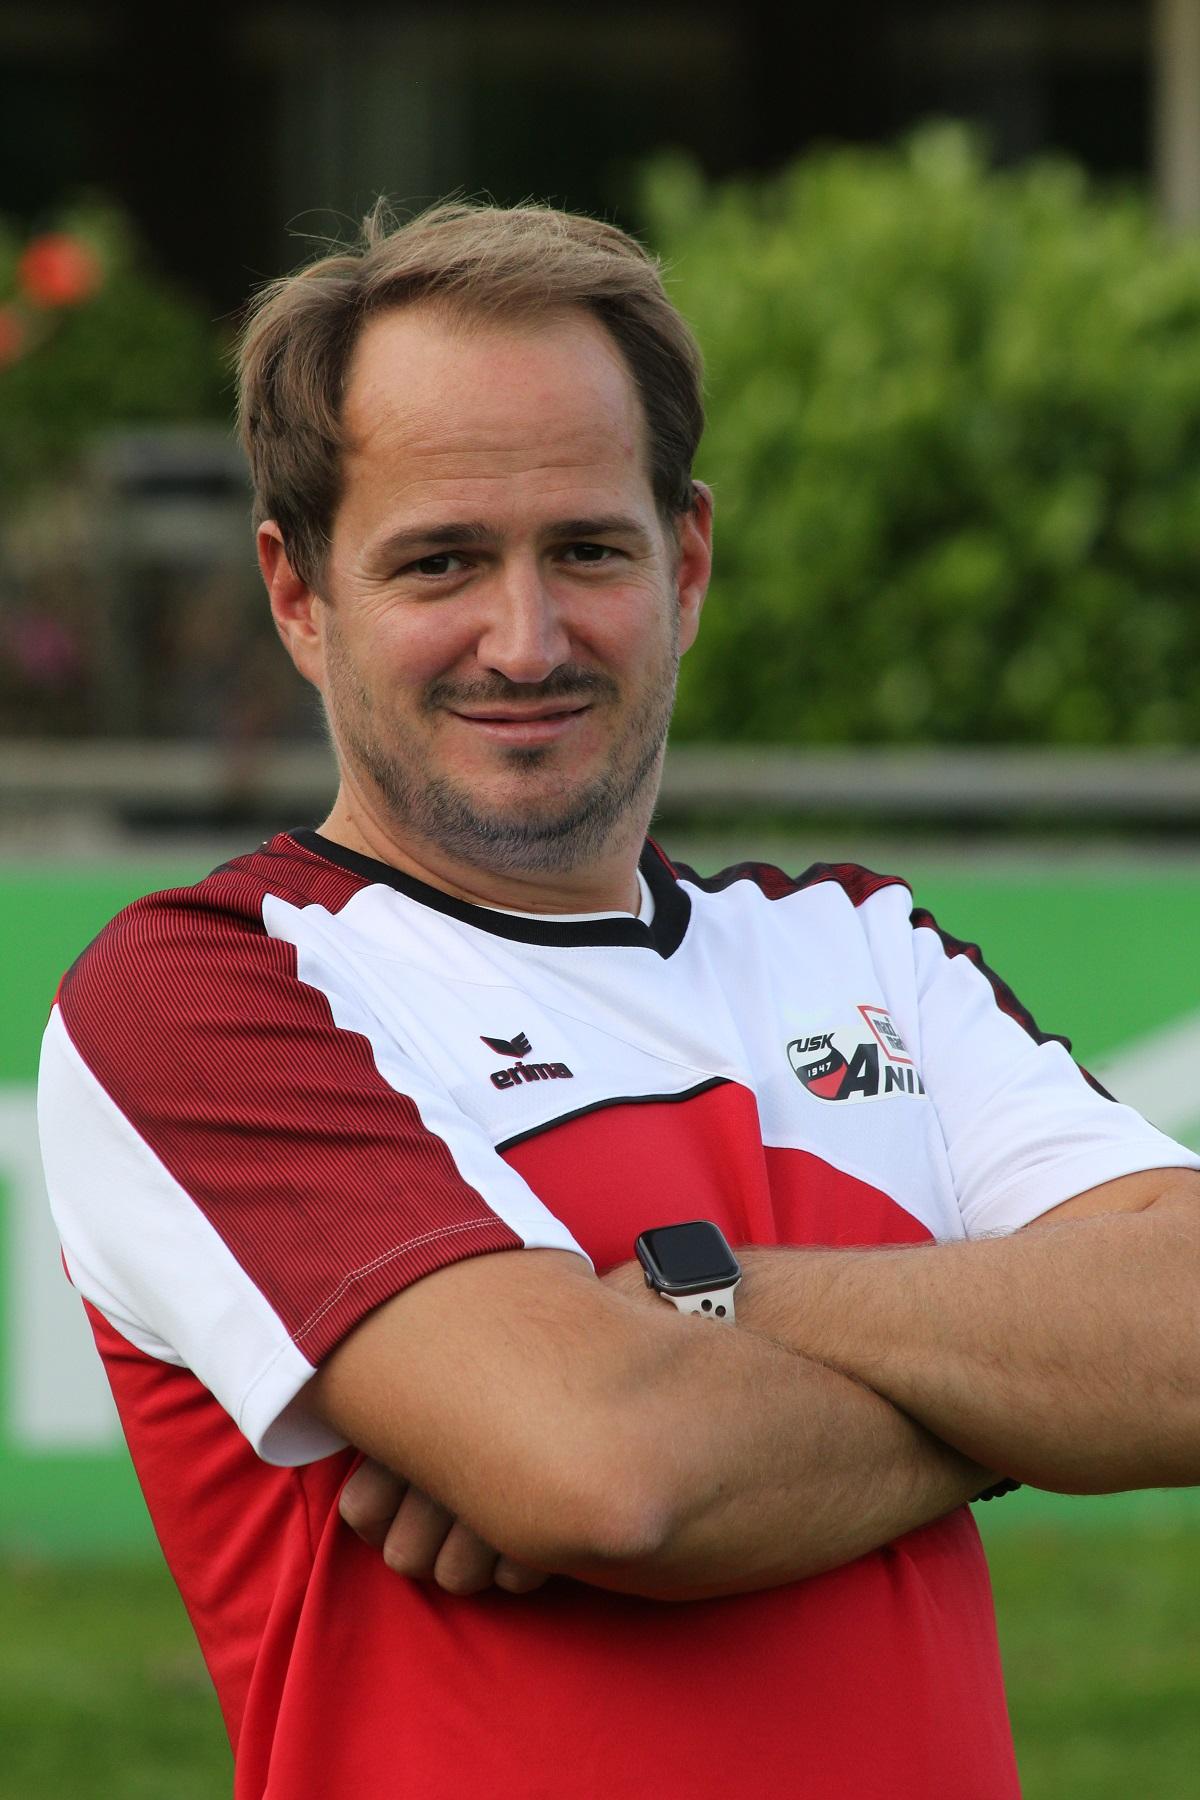 Karl Bankhammer, USK-Anif